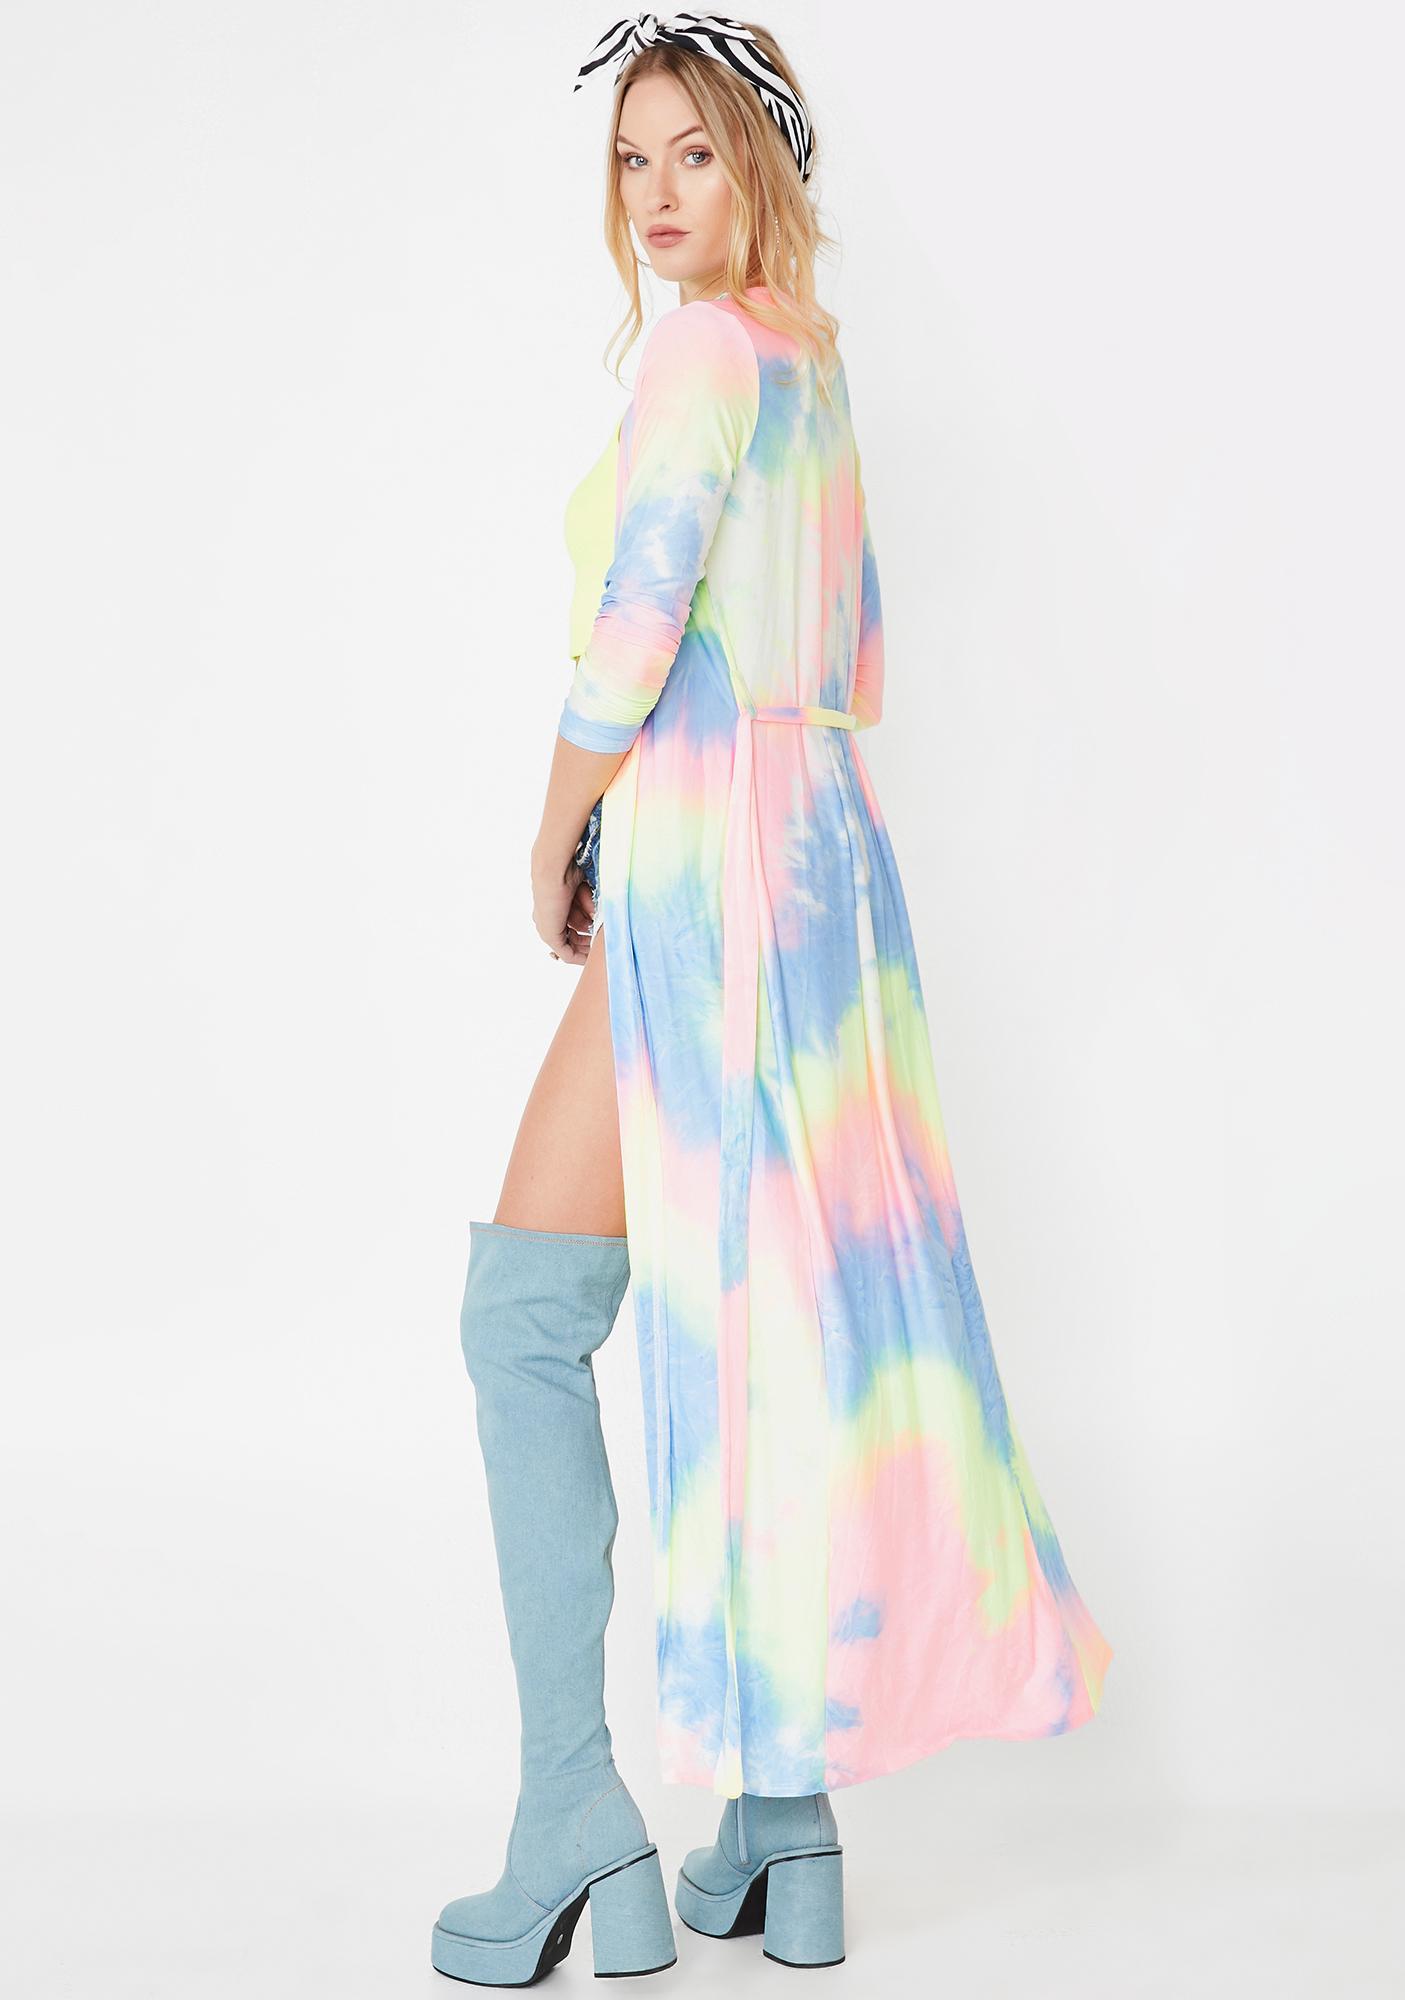 Prism Princess Tie Dye Robe